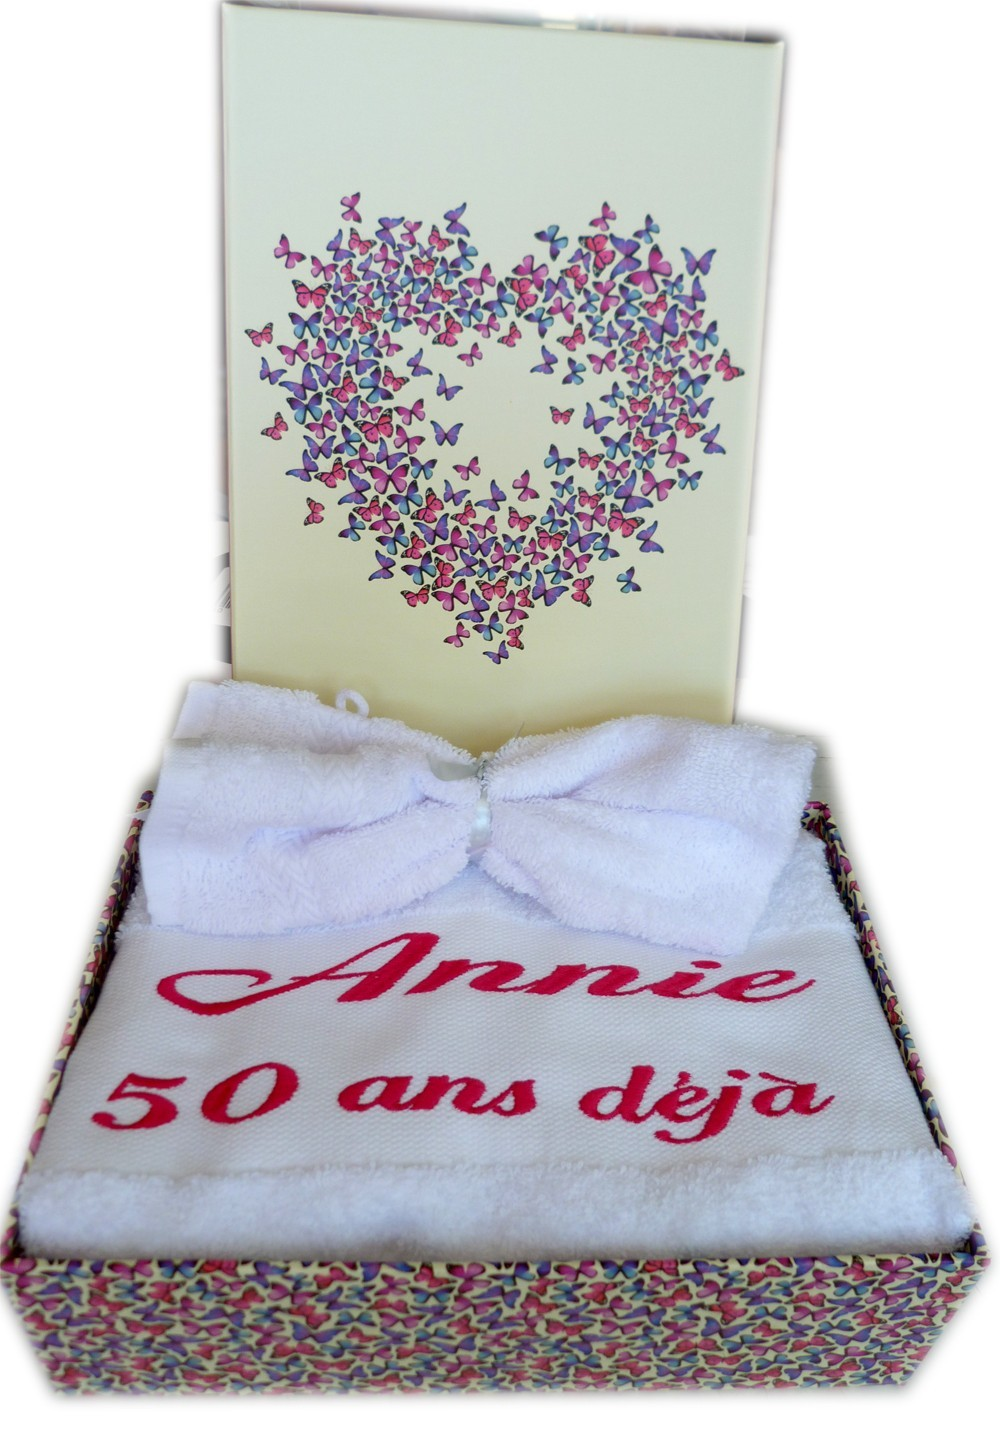 Personnalisé 4 Pièce Serviette ensemble cadeau anniversaire de mariage